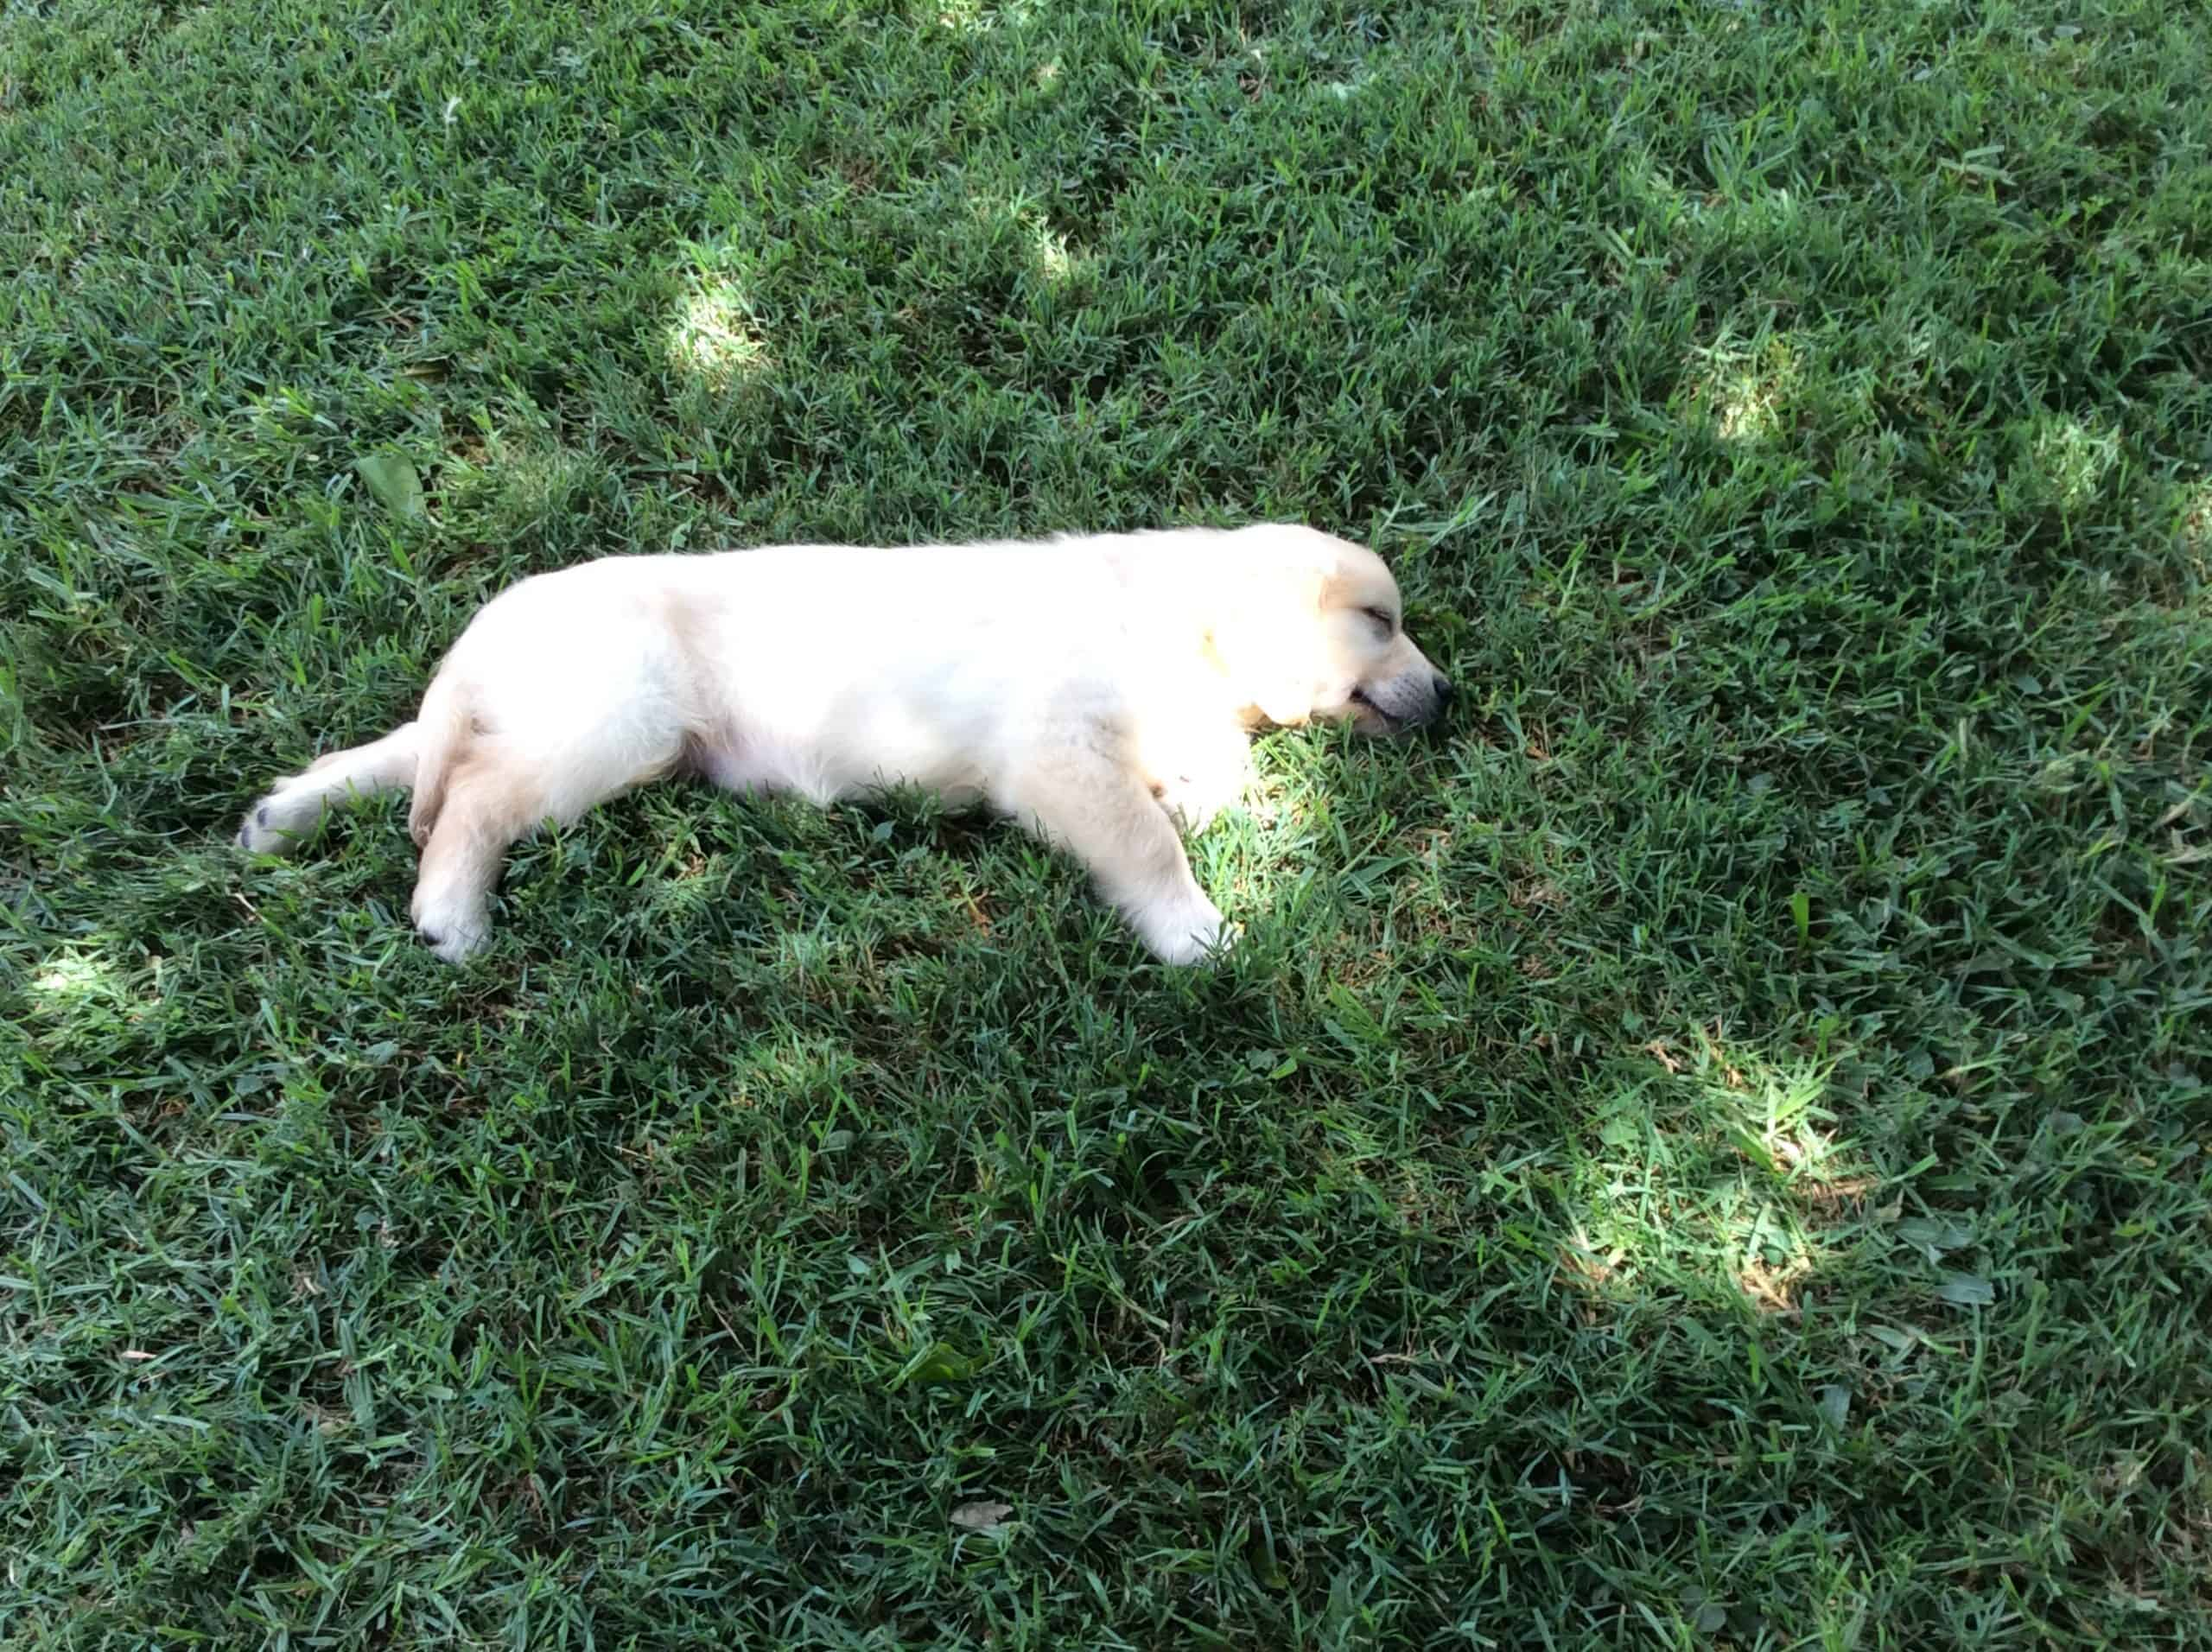 golden retriever pup asleep on the lawn